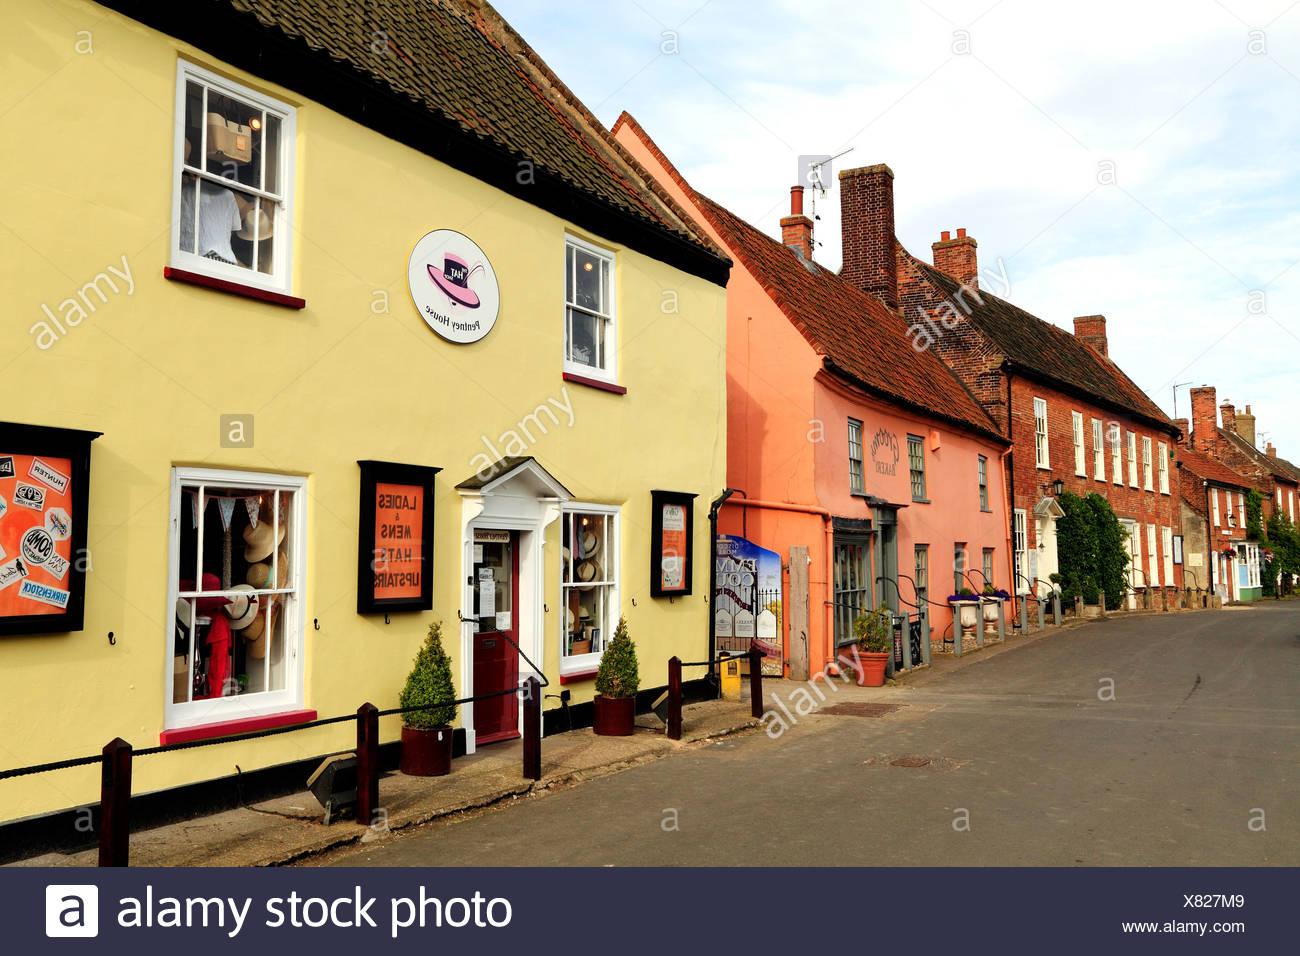 Mercado de Burnham, Norfolk, tiendas, casas, hoteles, Inglaterra Imagen De Stock